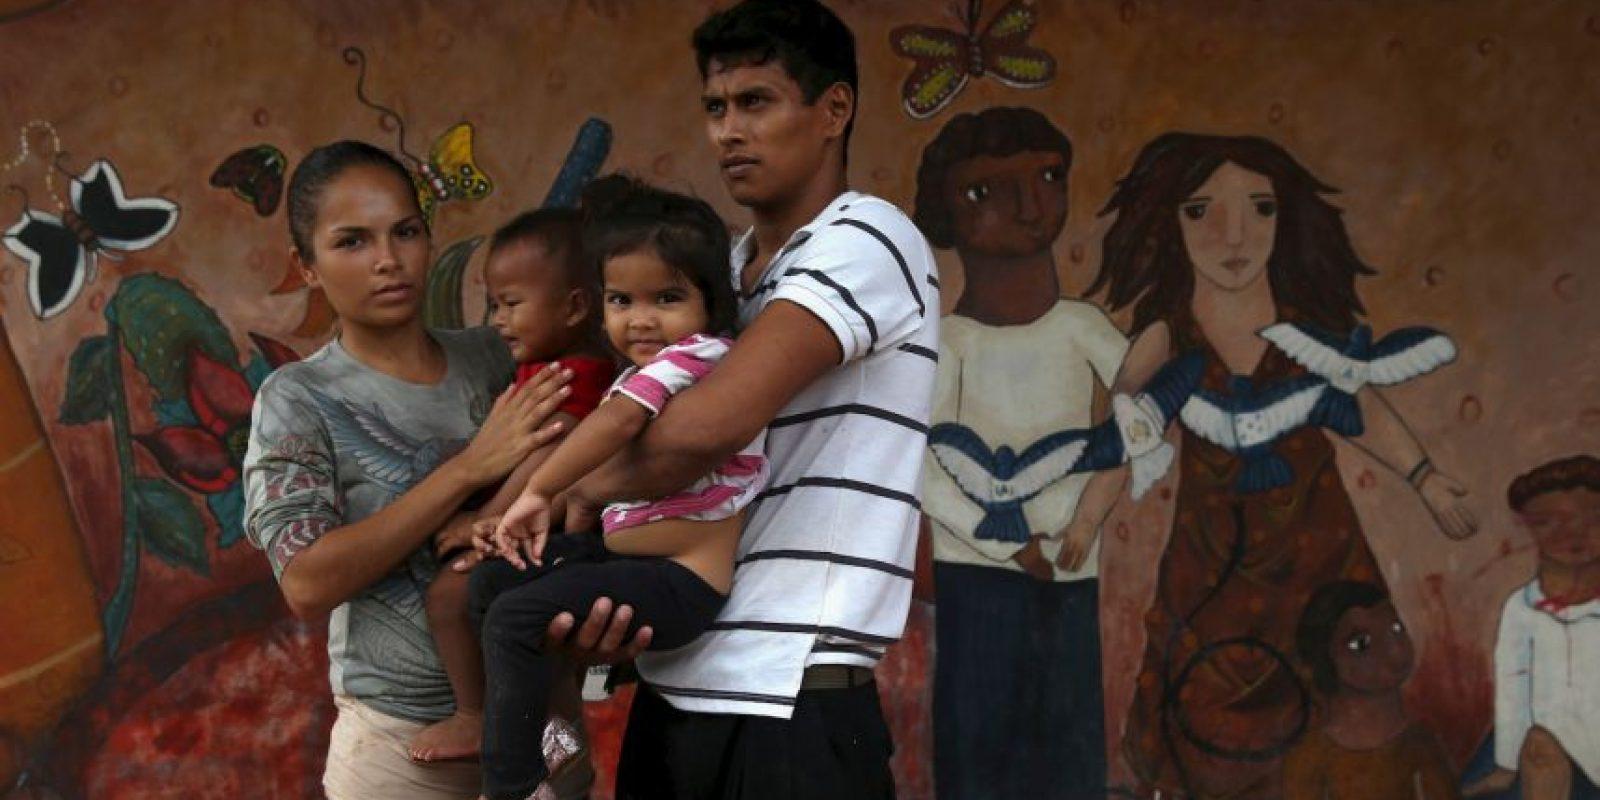 Esto a pesar que durante el año ha habido arrestos de colaboradores del narcotráfico. Foto:Getty Images